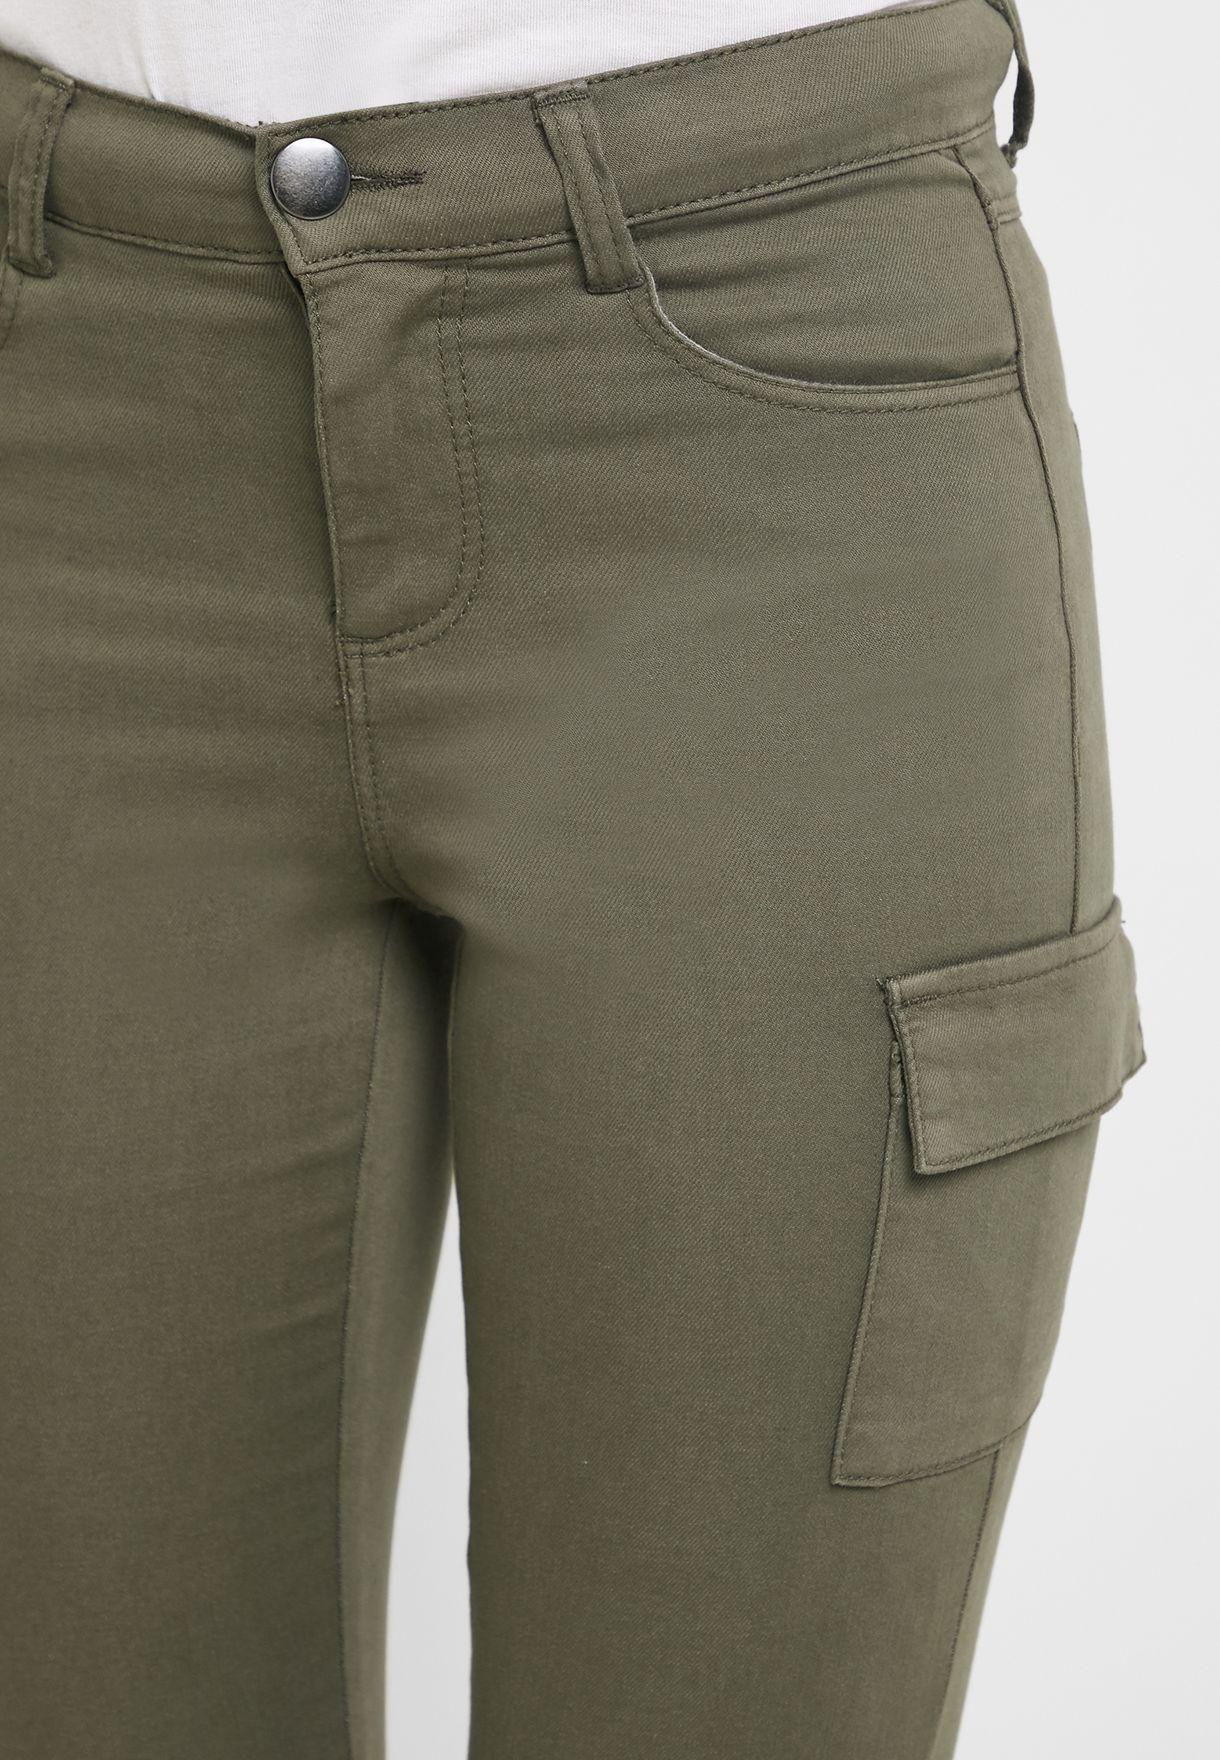 Ankle Grazer Frankie Cargo Pants